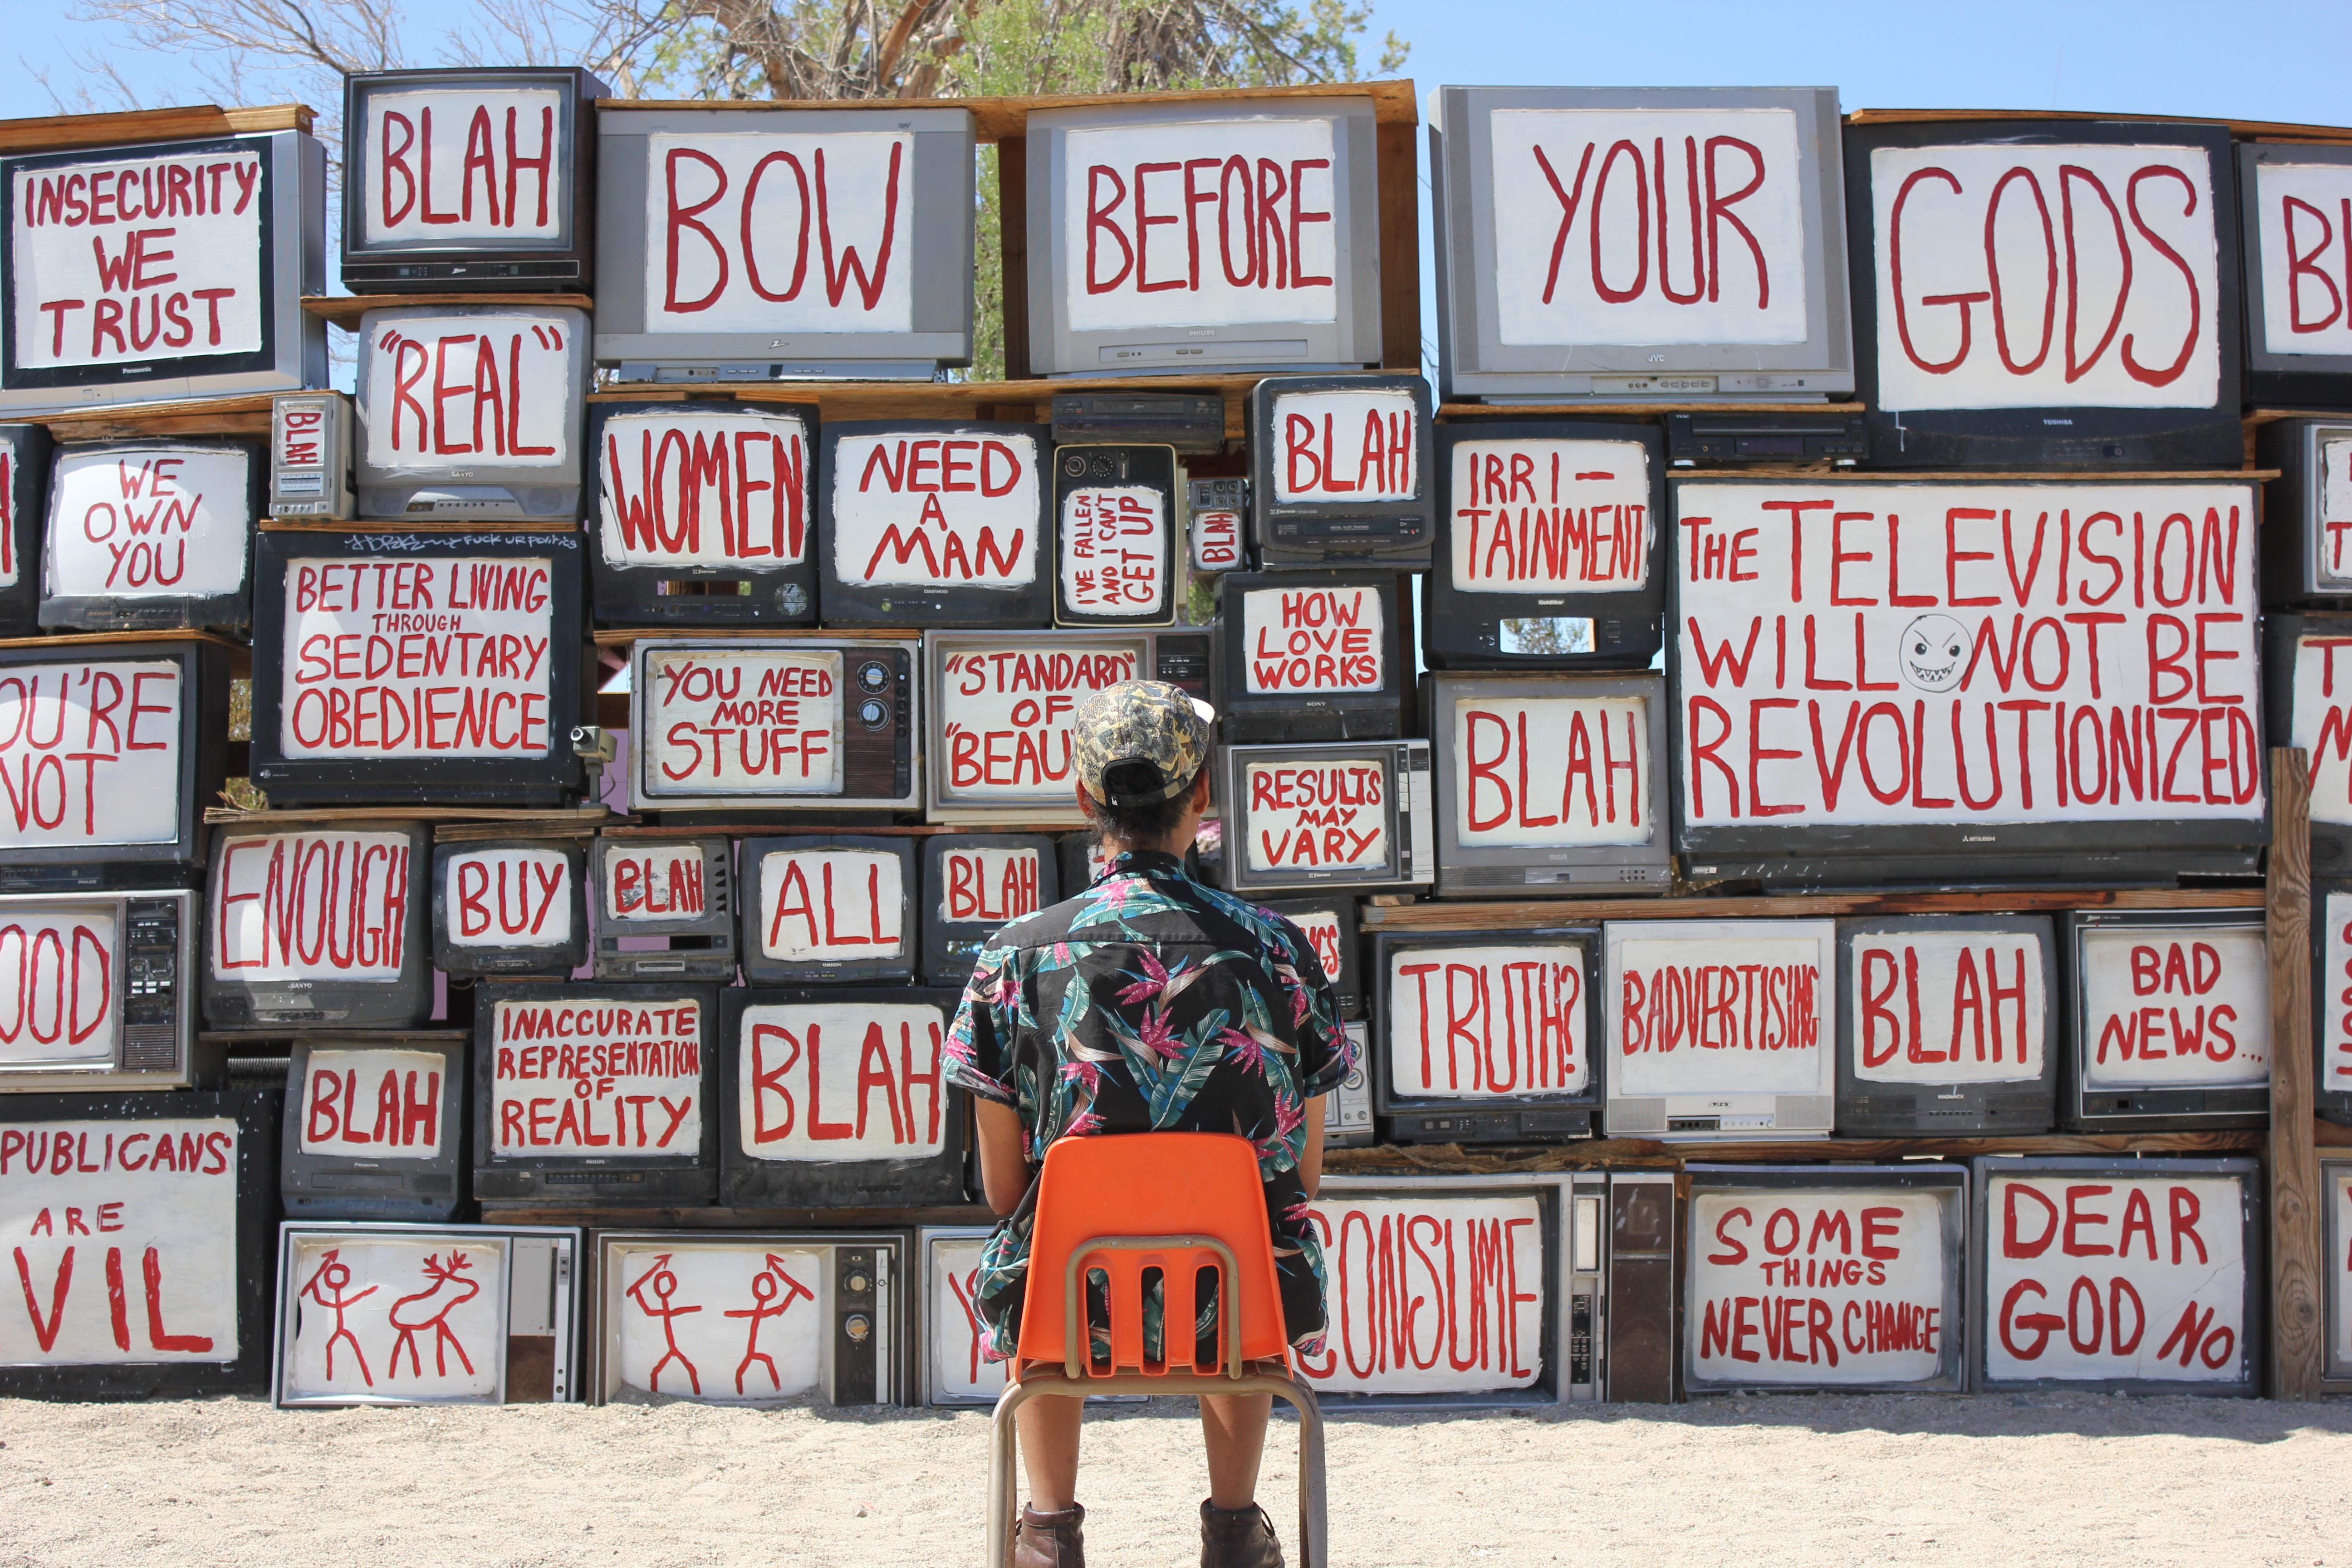 Blah Blah Blah by Sierra Schepmann